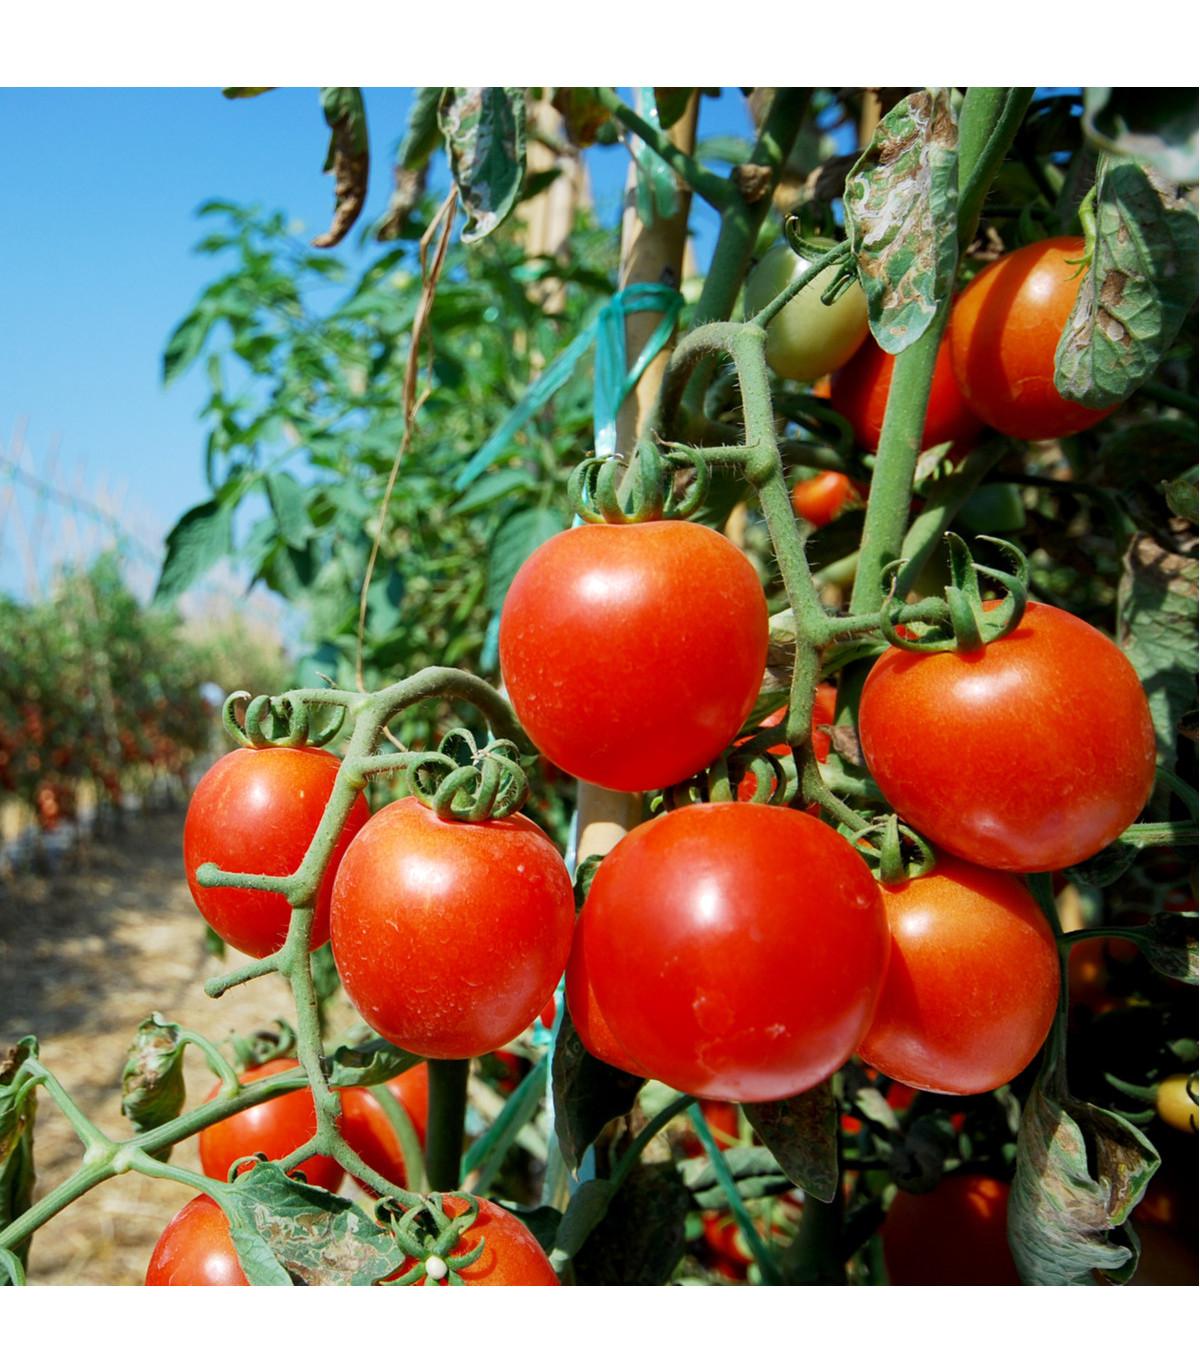 BIO rajče Serrat F1 - Lycopersicon Esculentum - bio osivo rajčat - 5 ks